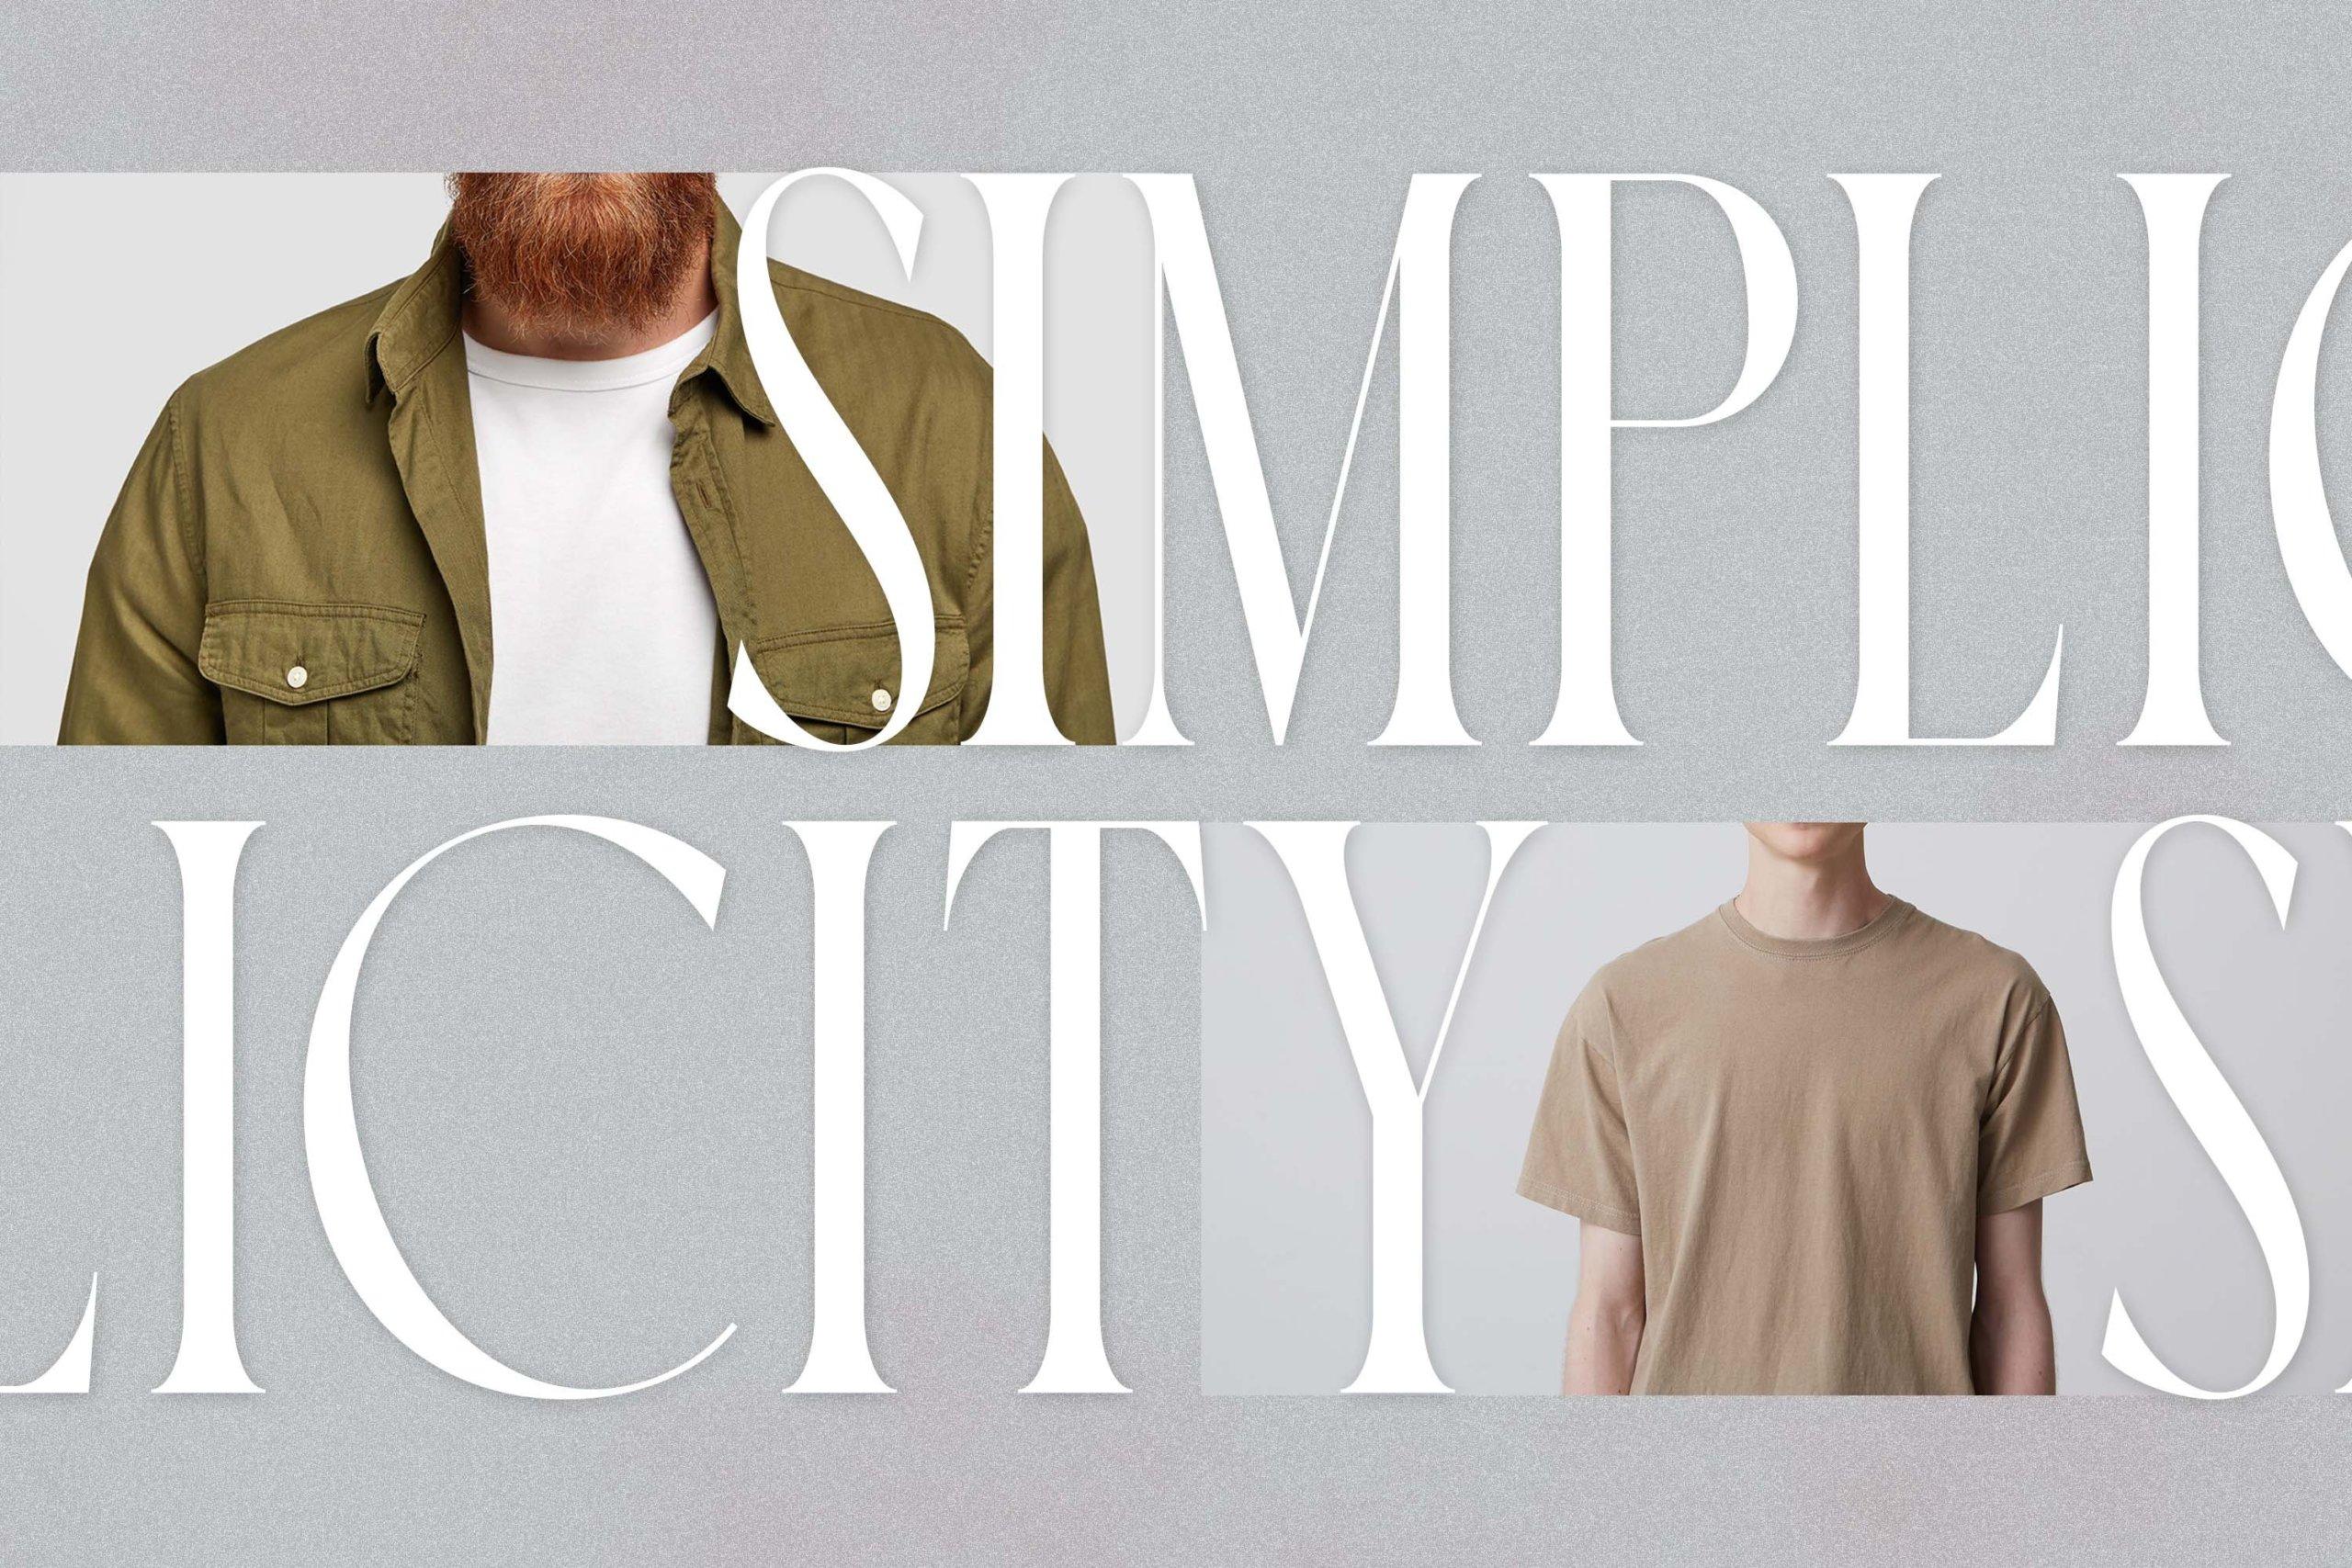 时尚极简现代品牌Logo标题衬线英文字体设计素材 Luxoorea – Stylish Display Serif插图3